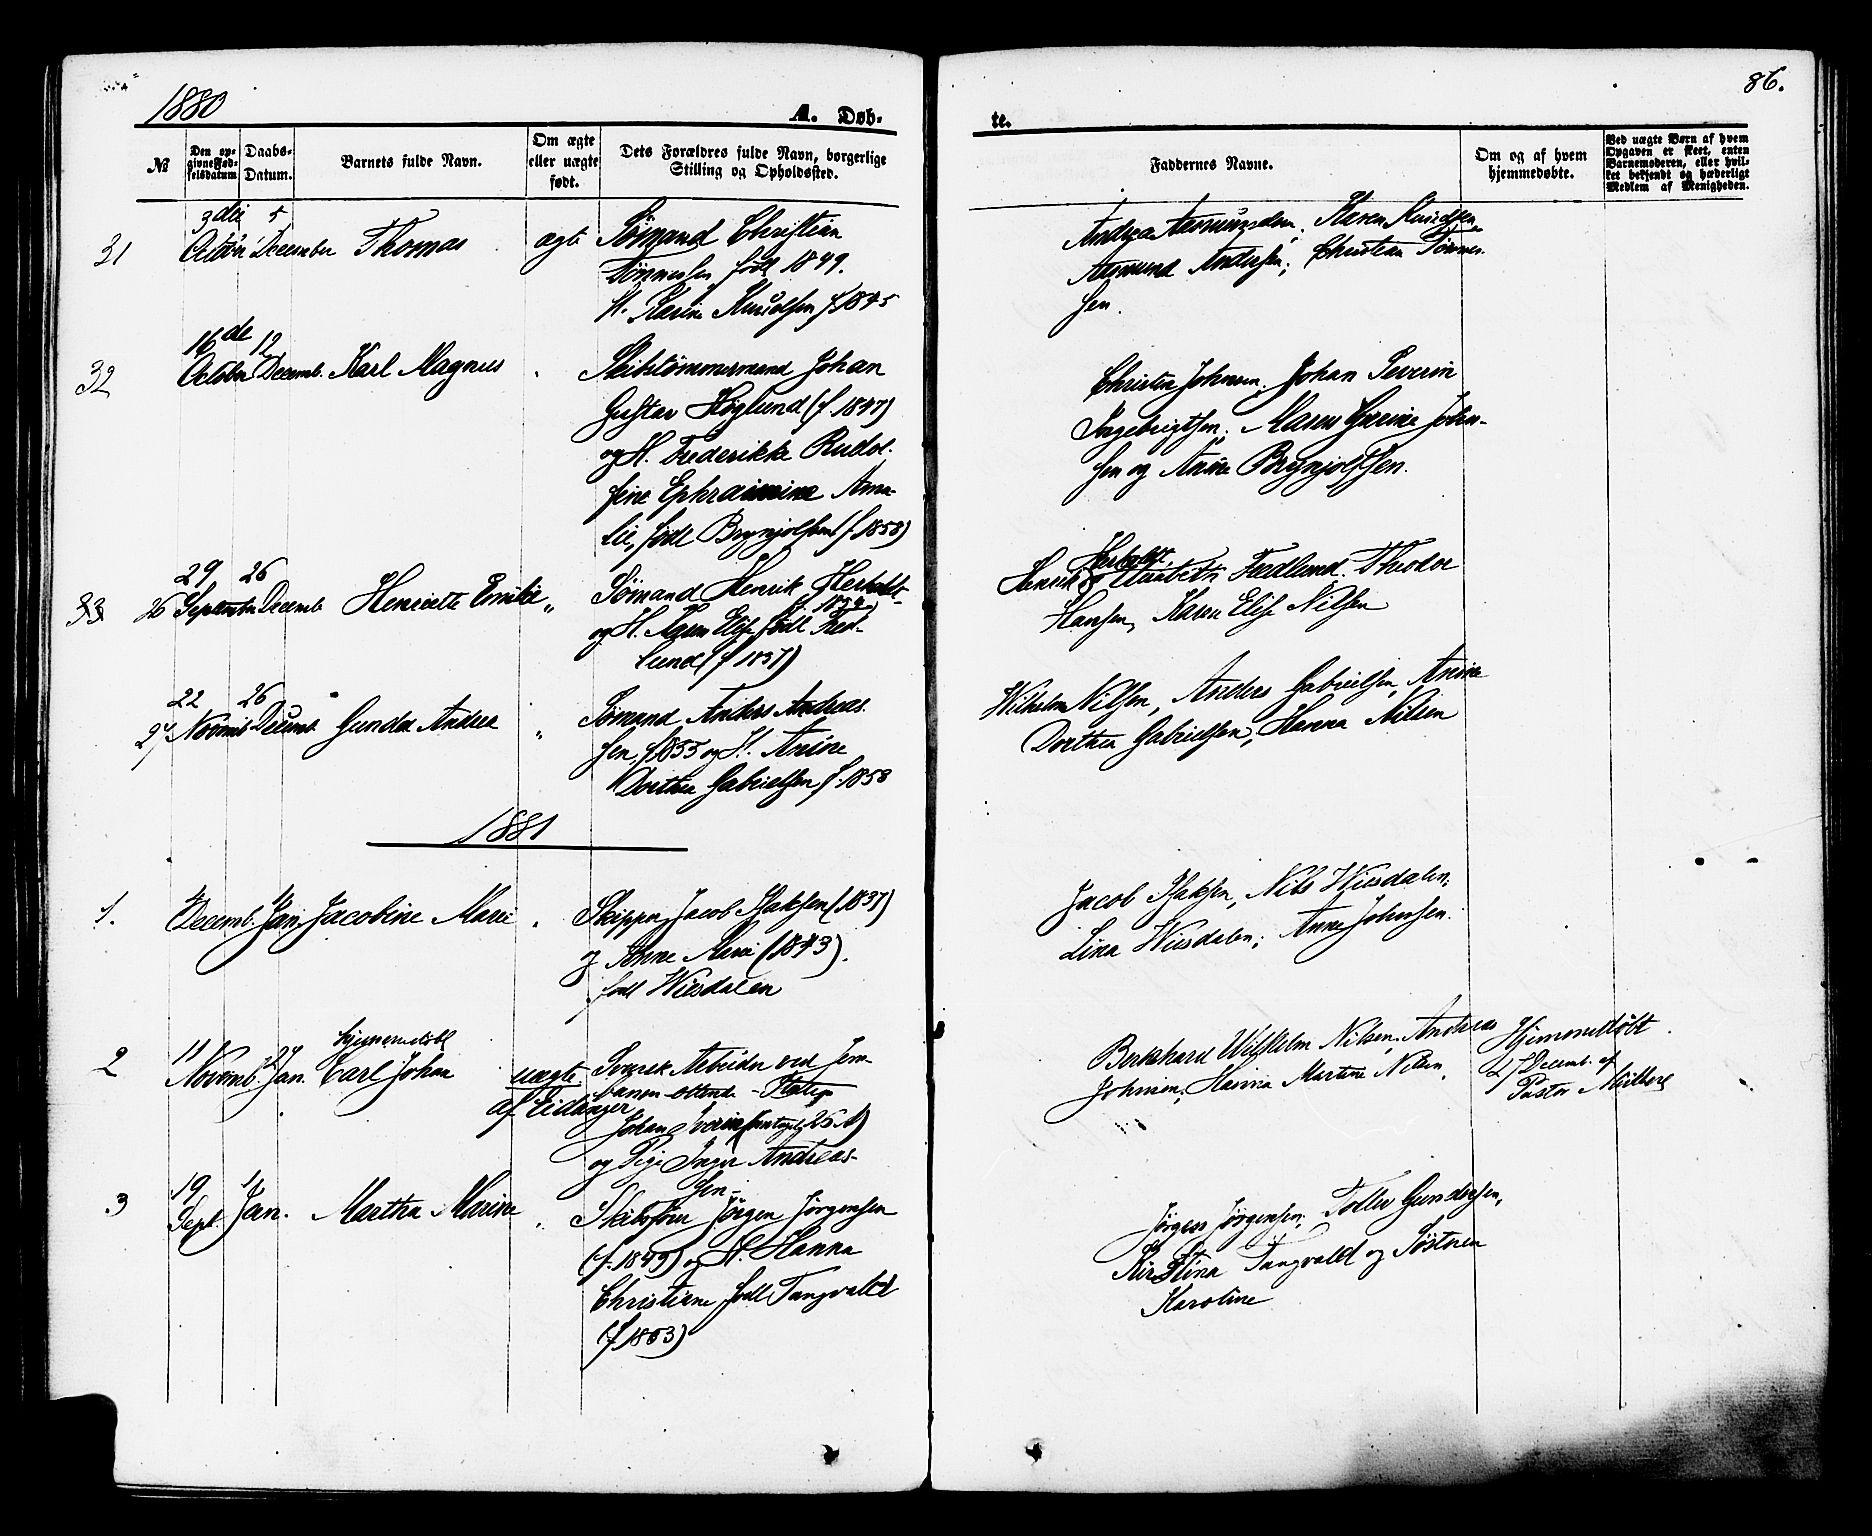 SAKO, Brevik kirkebøker, F/Fa/L0006: Ministerialbok nr. 6, 1866-1881, s. 86